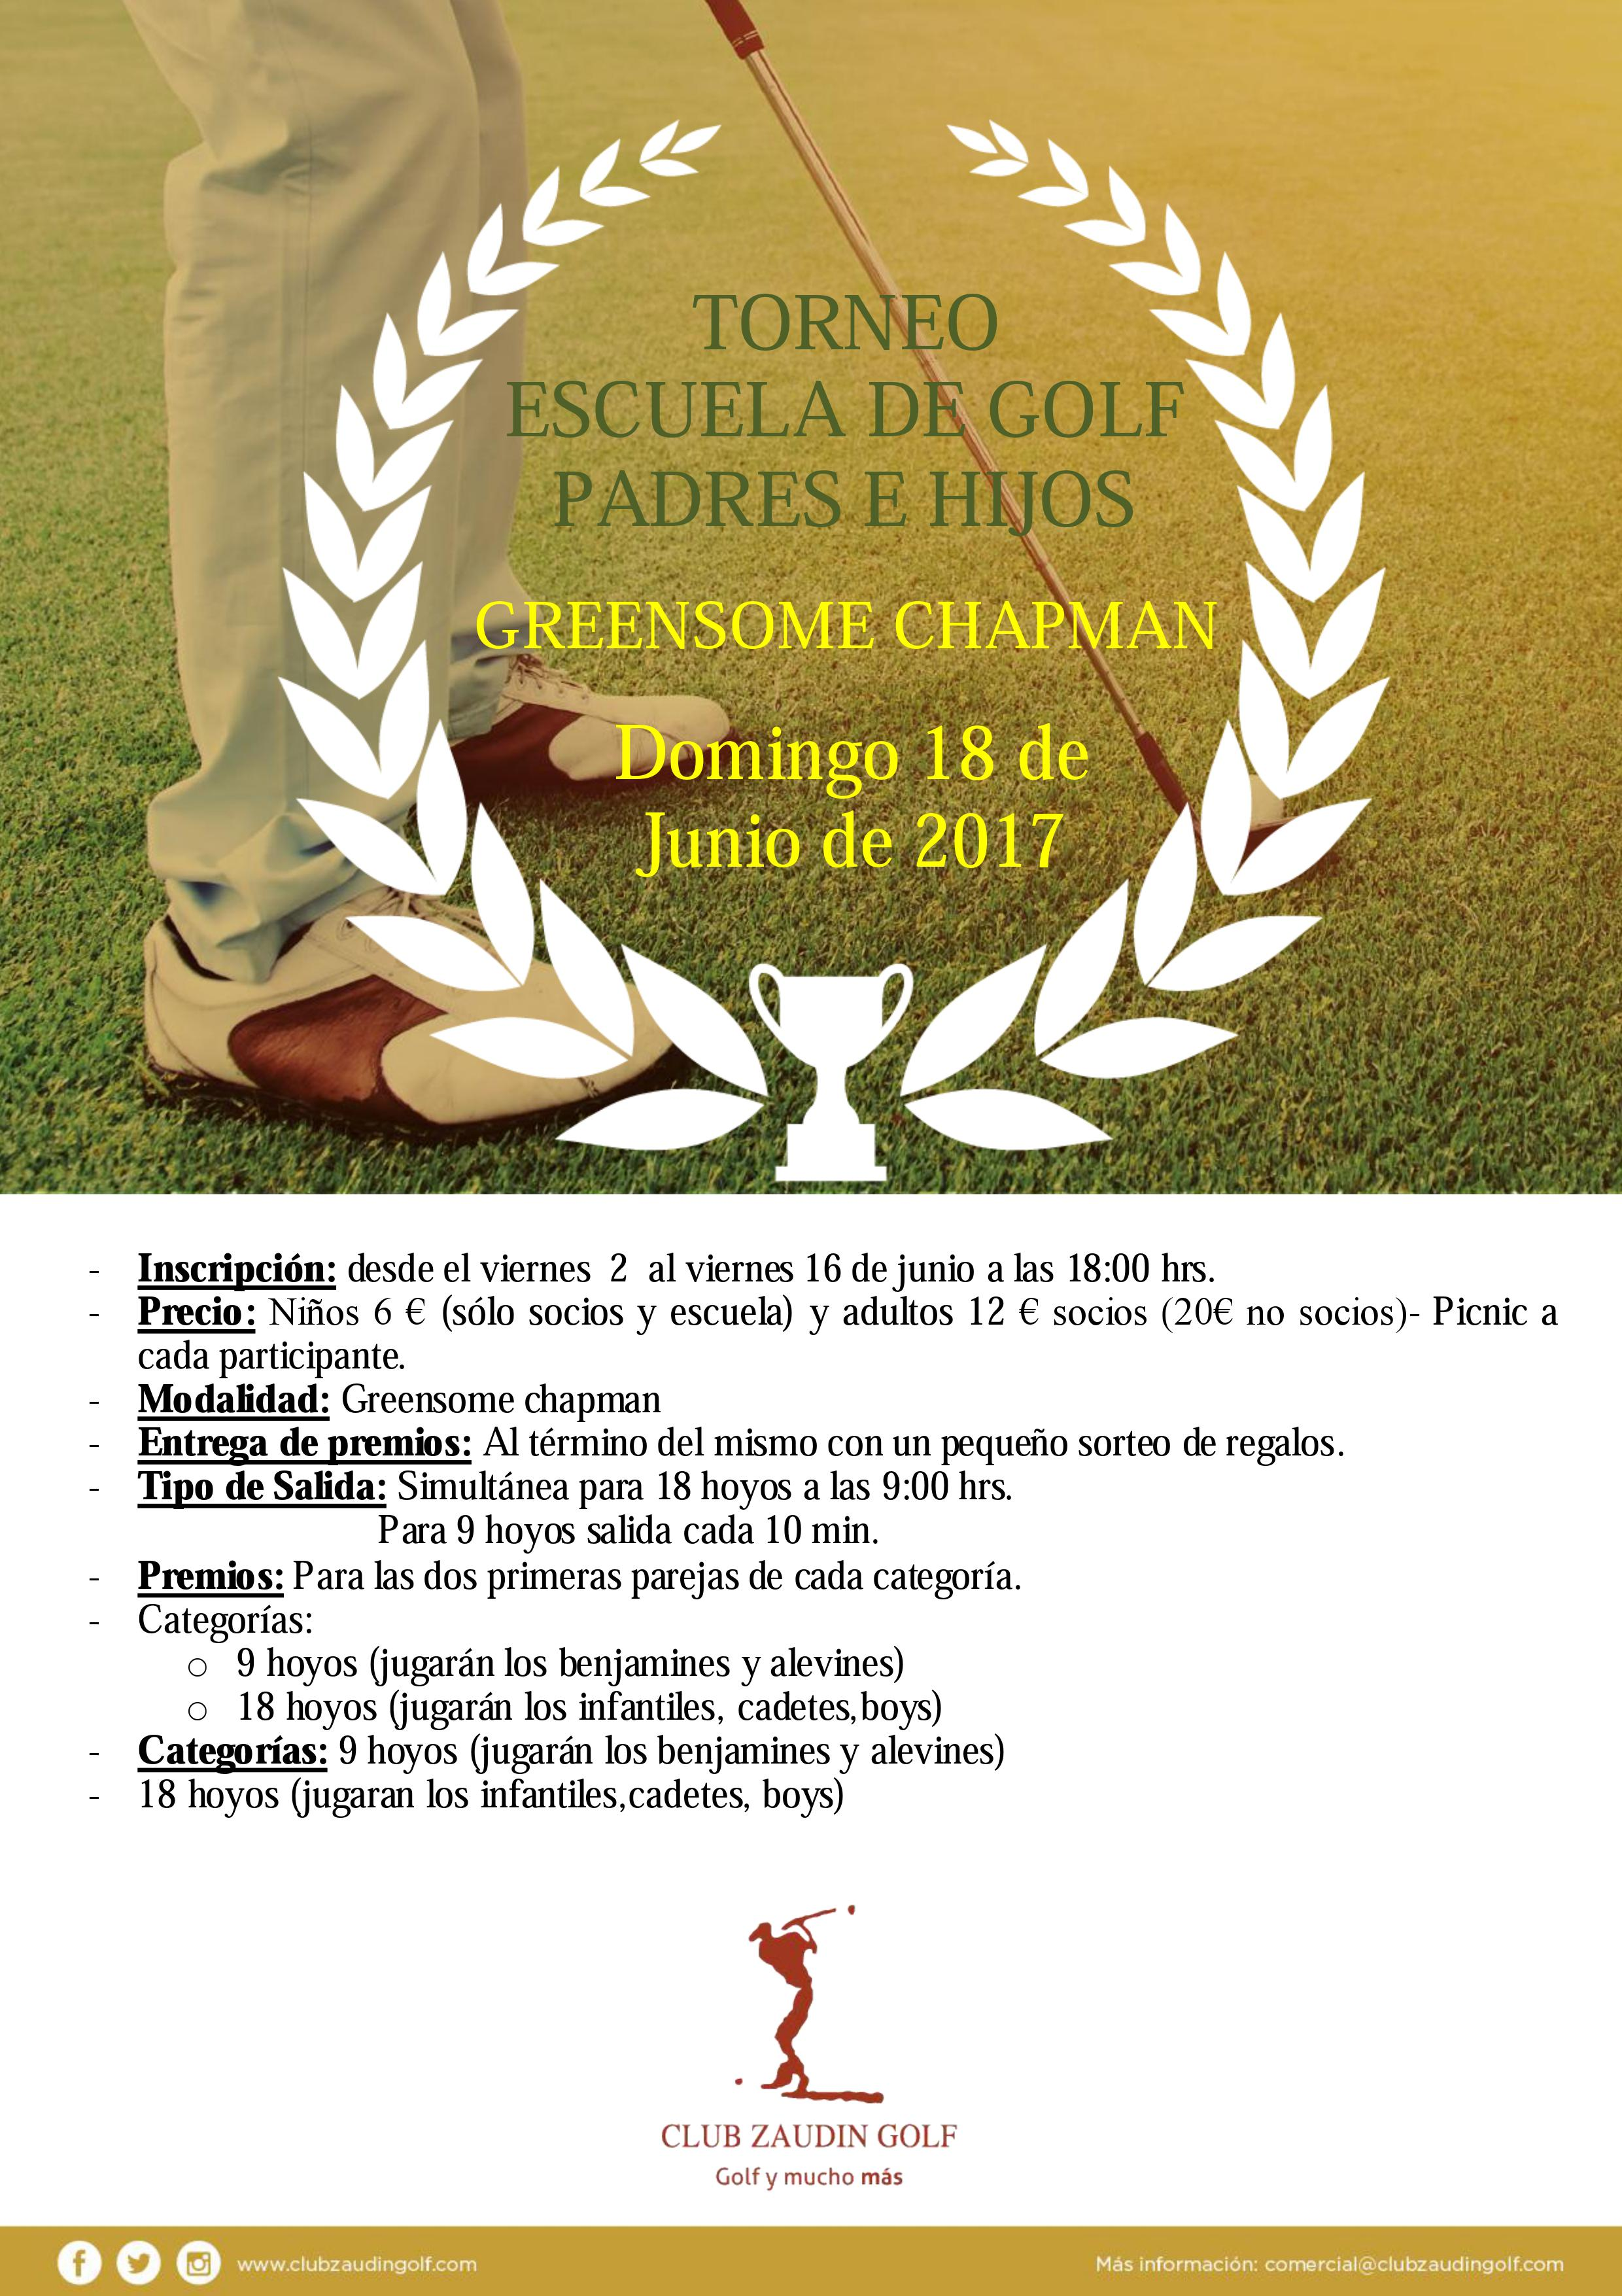 Torneo Escuela de Golf Padres e hijos